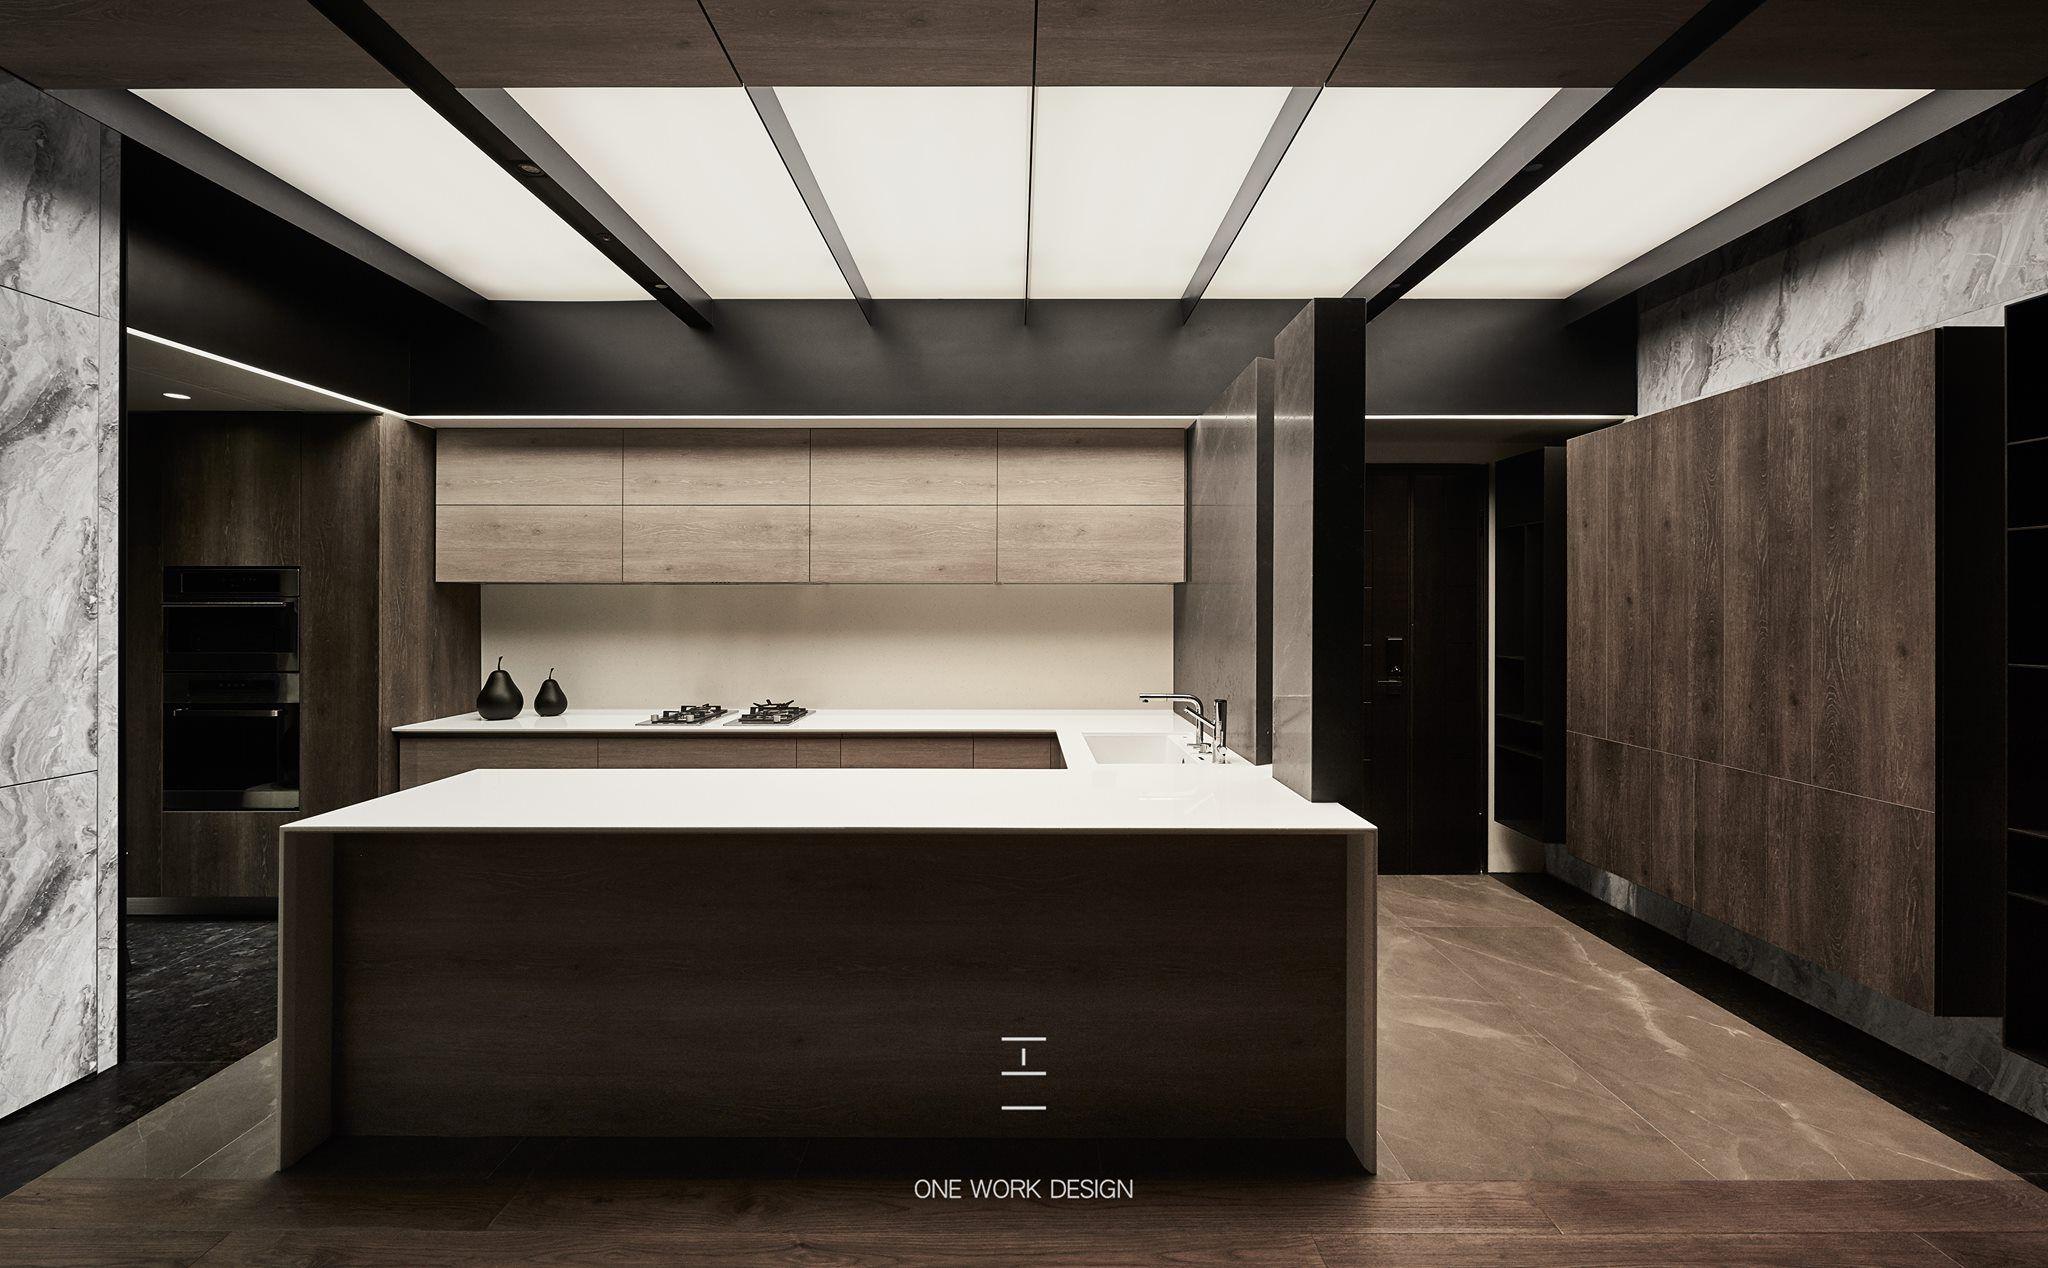 低調奢華 流明天花板在空間中顯大氣 比起間接照明 光線更均勻 與崁燈 投射燈相比 溫和又不刺眼 在空間中運用大量流明造型的天花板 好處在於整個室內居家燈光 光照度勻稱 視覺效果大 Kitchen Inspirations Kitchen Dining Room Lighted Bathroom Mirror